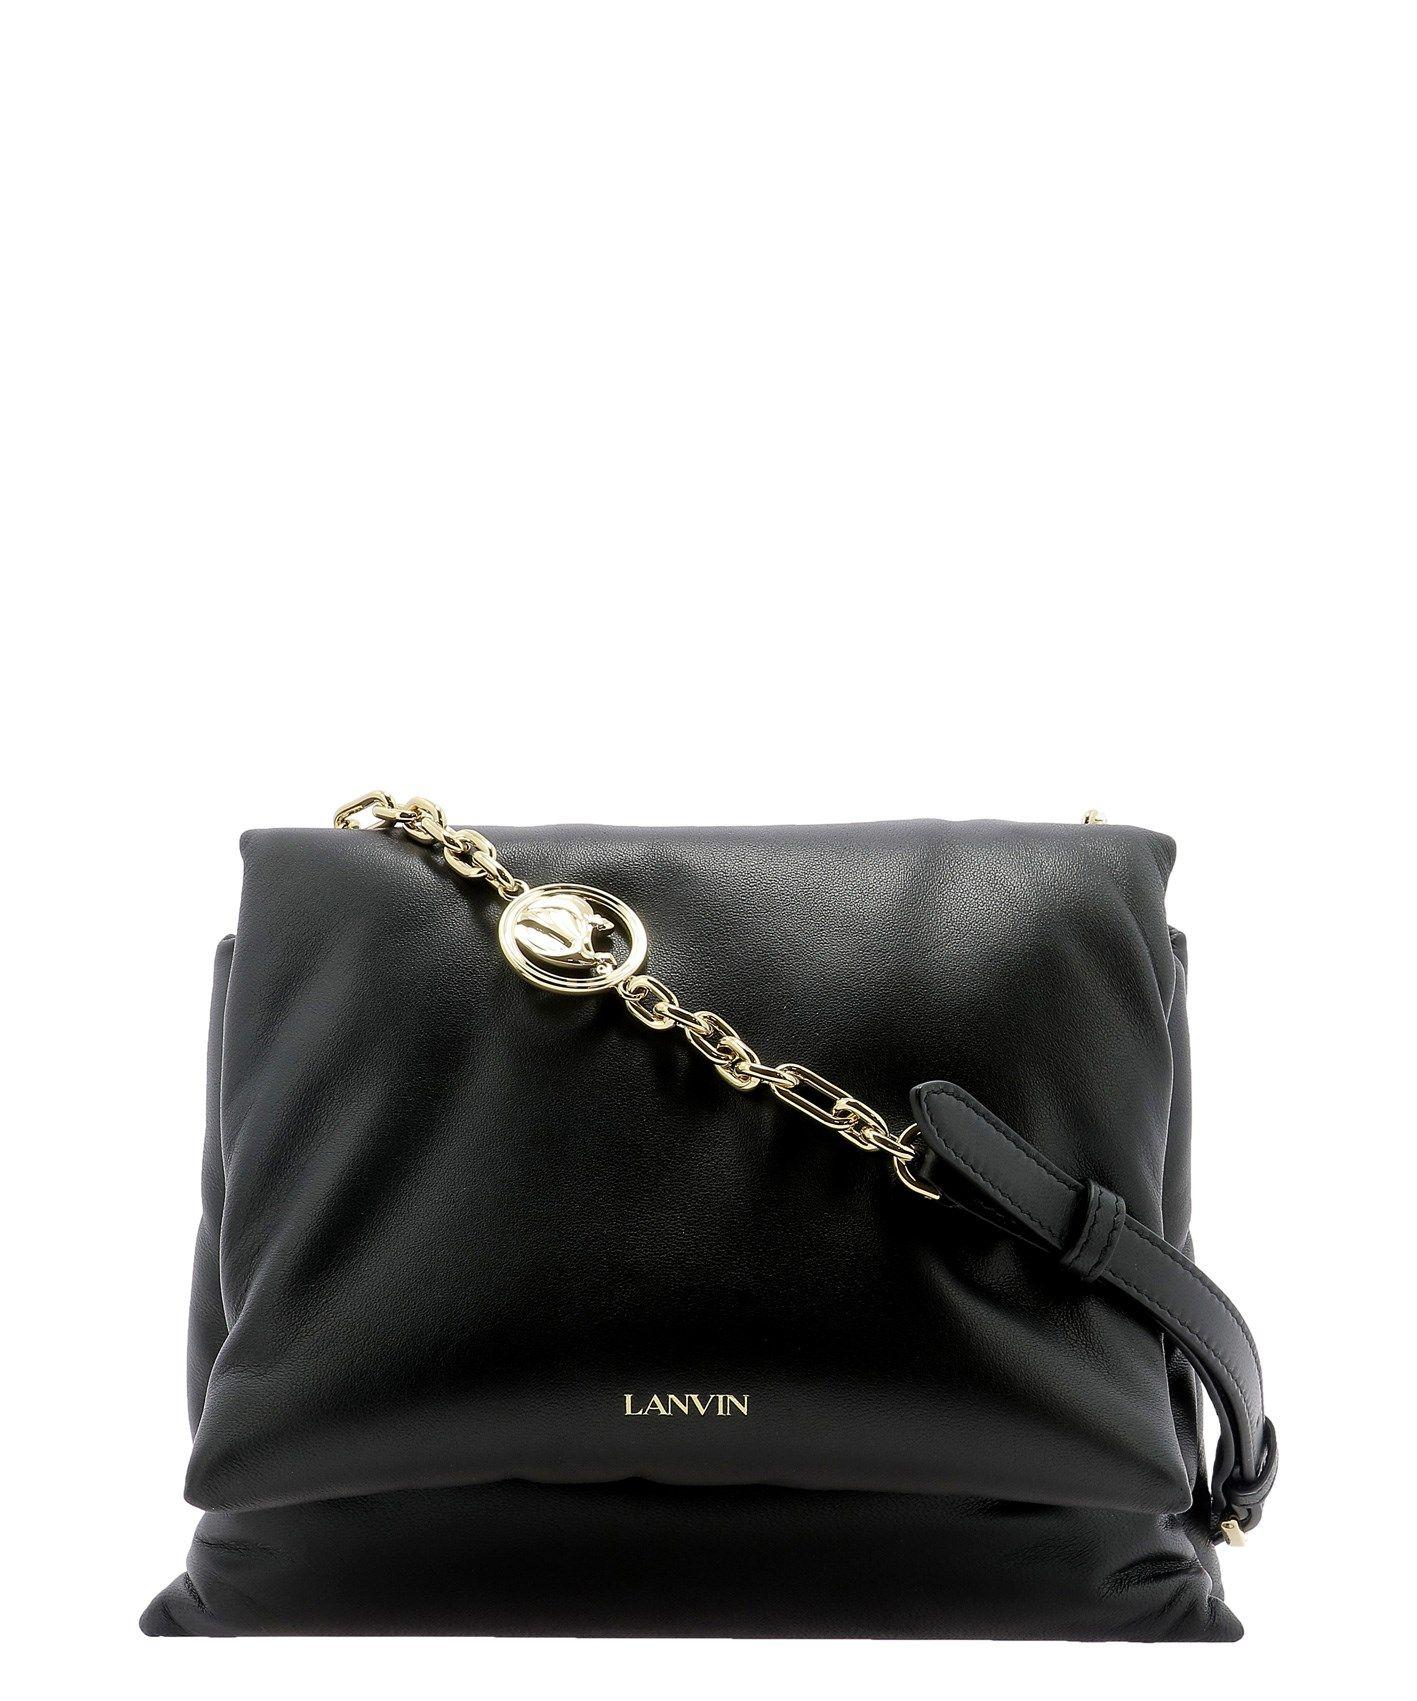 Lanvin LANVIN WOMEN'S BLACK OTHER MATERIALS SHOULDER BAG